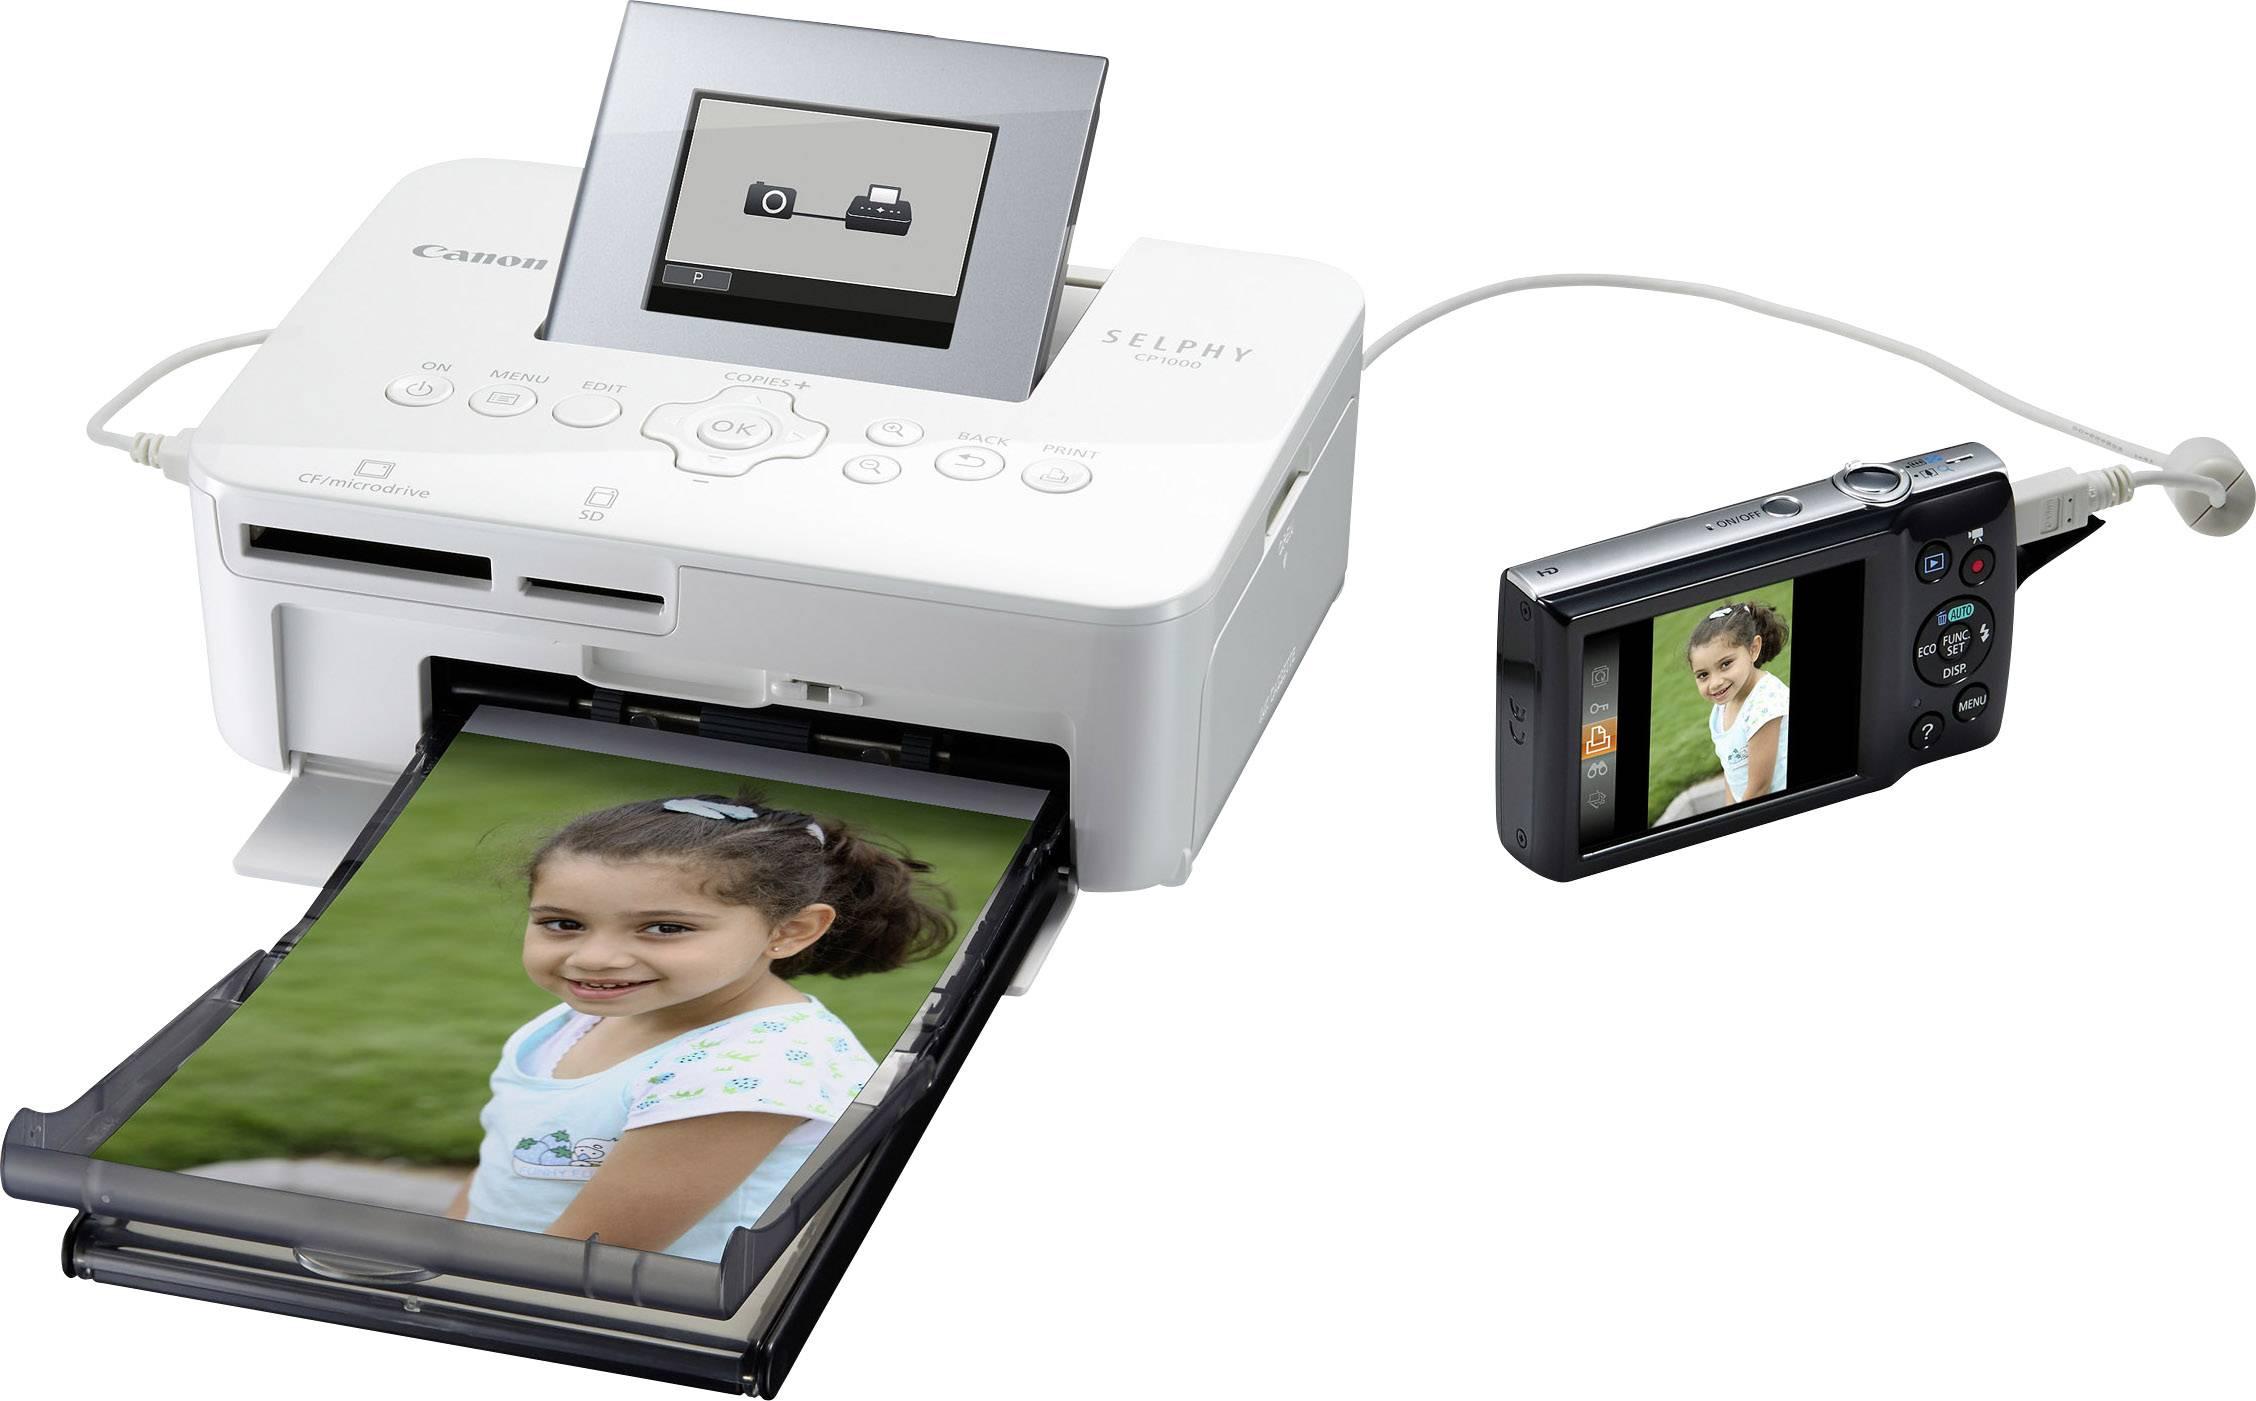 принтер в фотосалон словам, информация поступлении